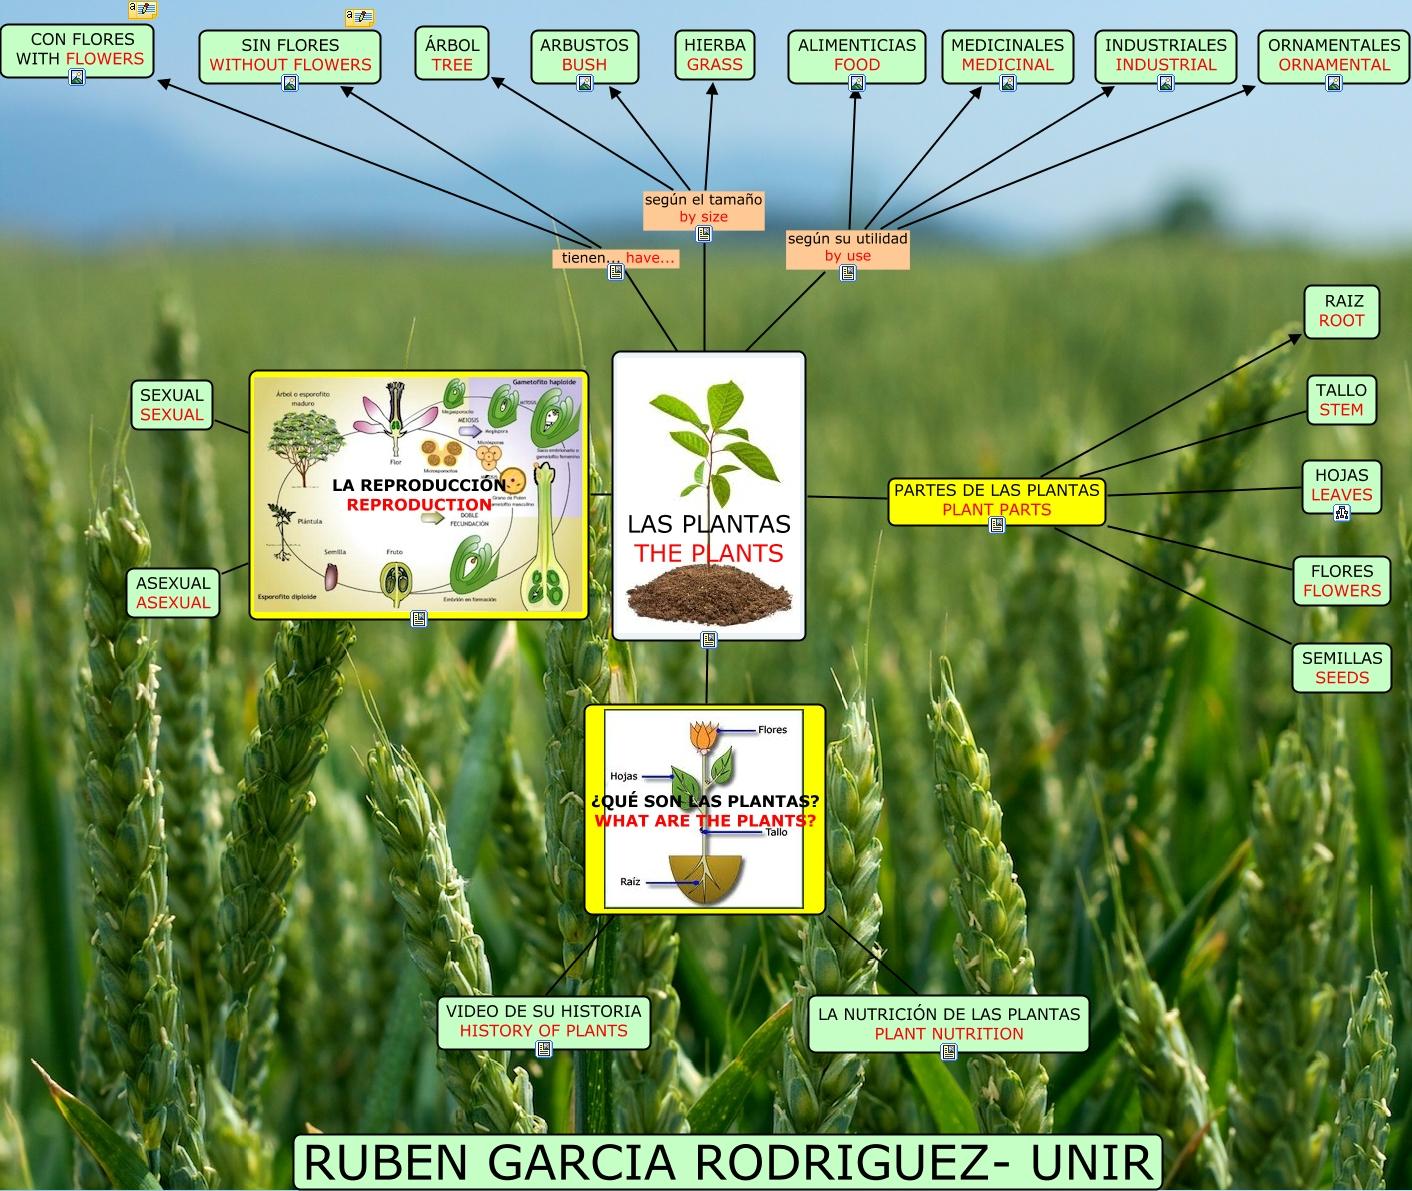 Las plantas ruben for Caracteristicas de las plantas ornamentales